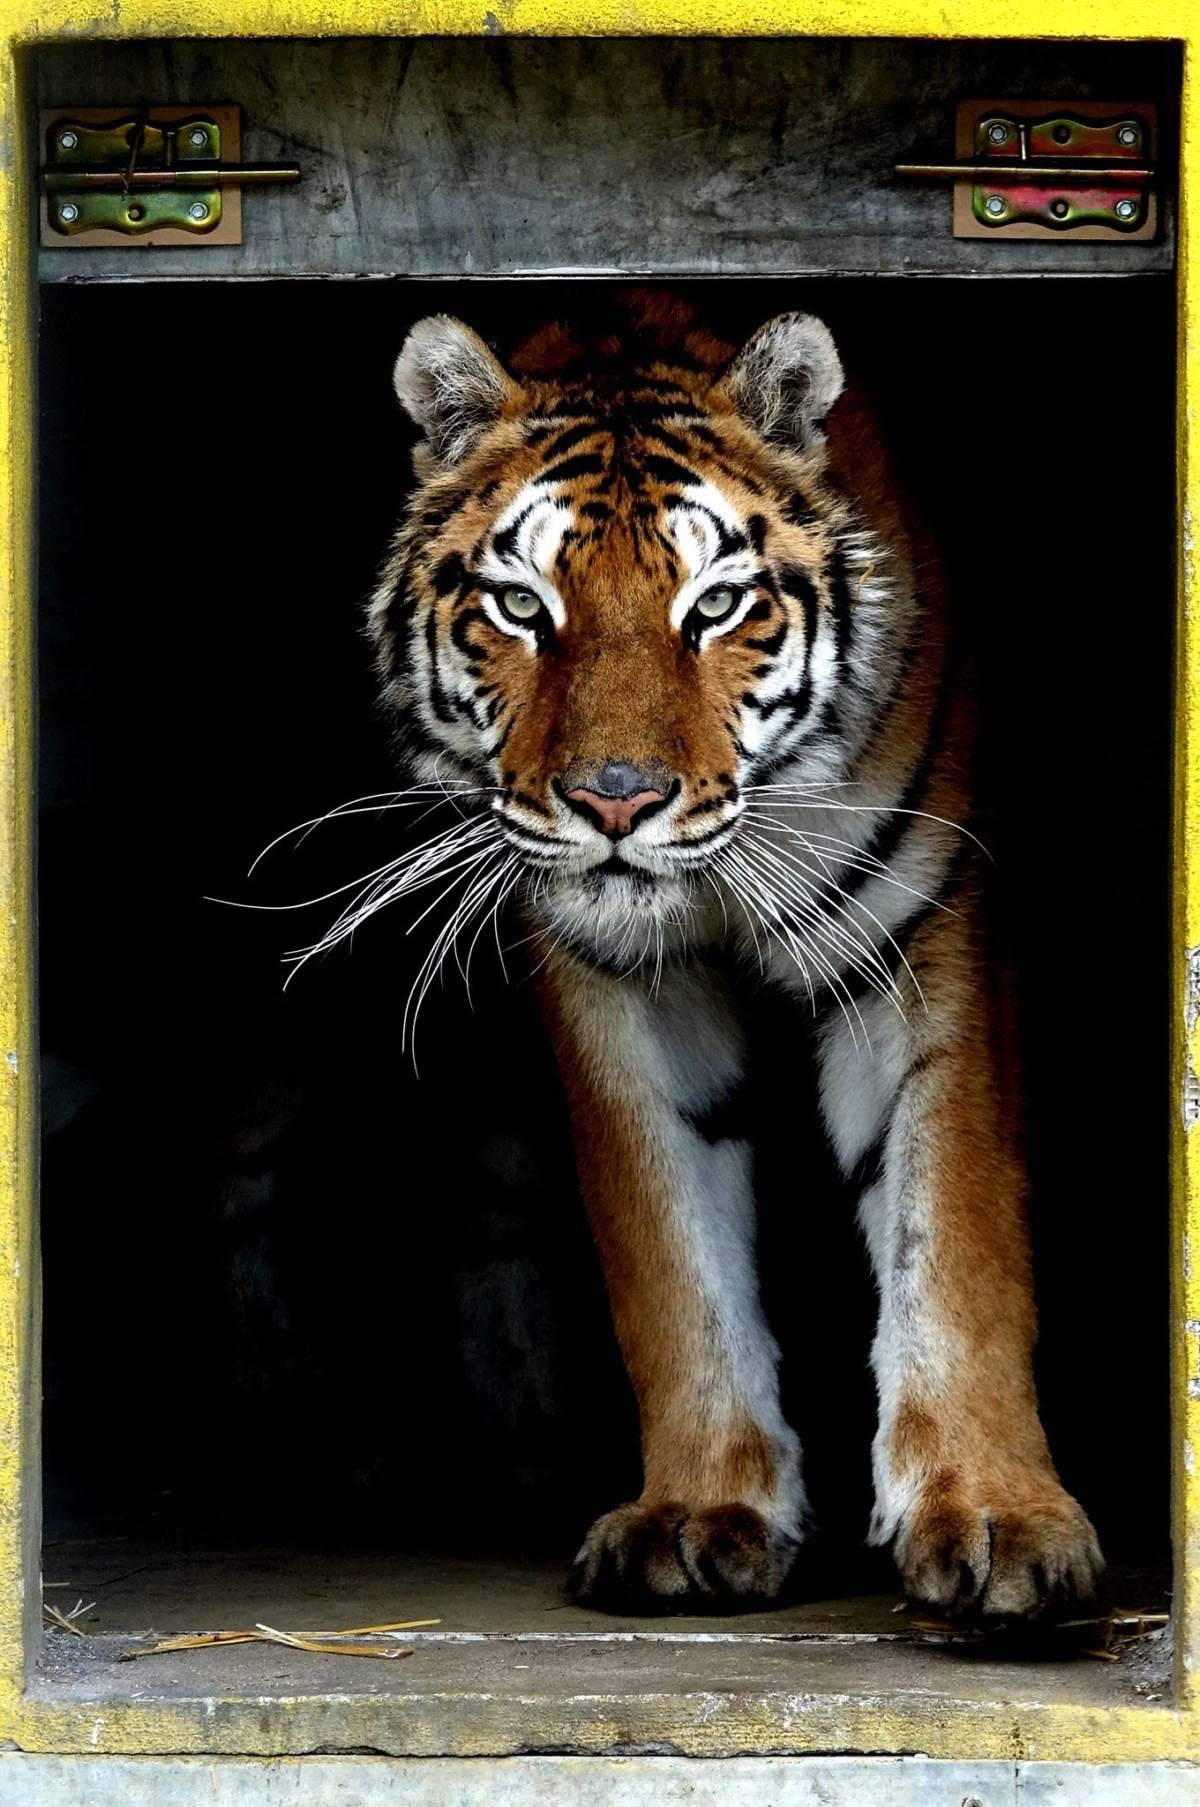 Nie przyjmie pieniędzy za uratowanie tygrysów. Przeznaczy je na szlachetny cel